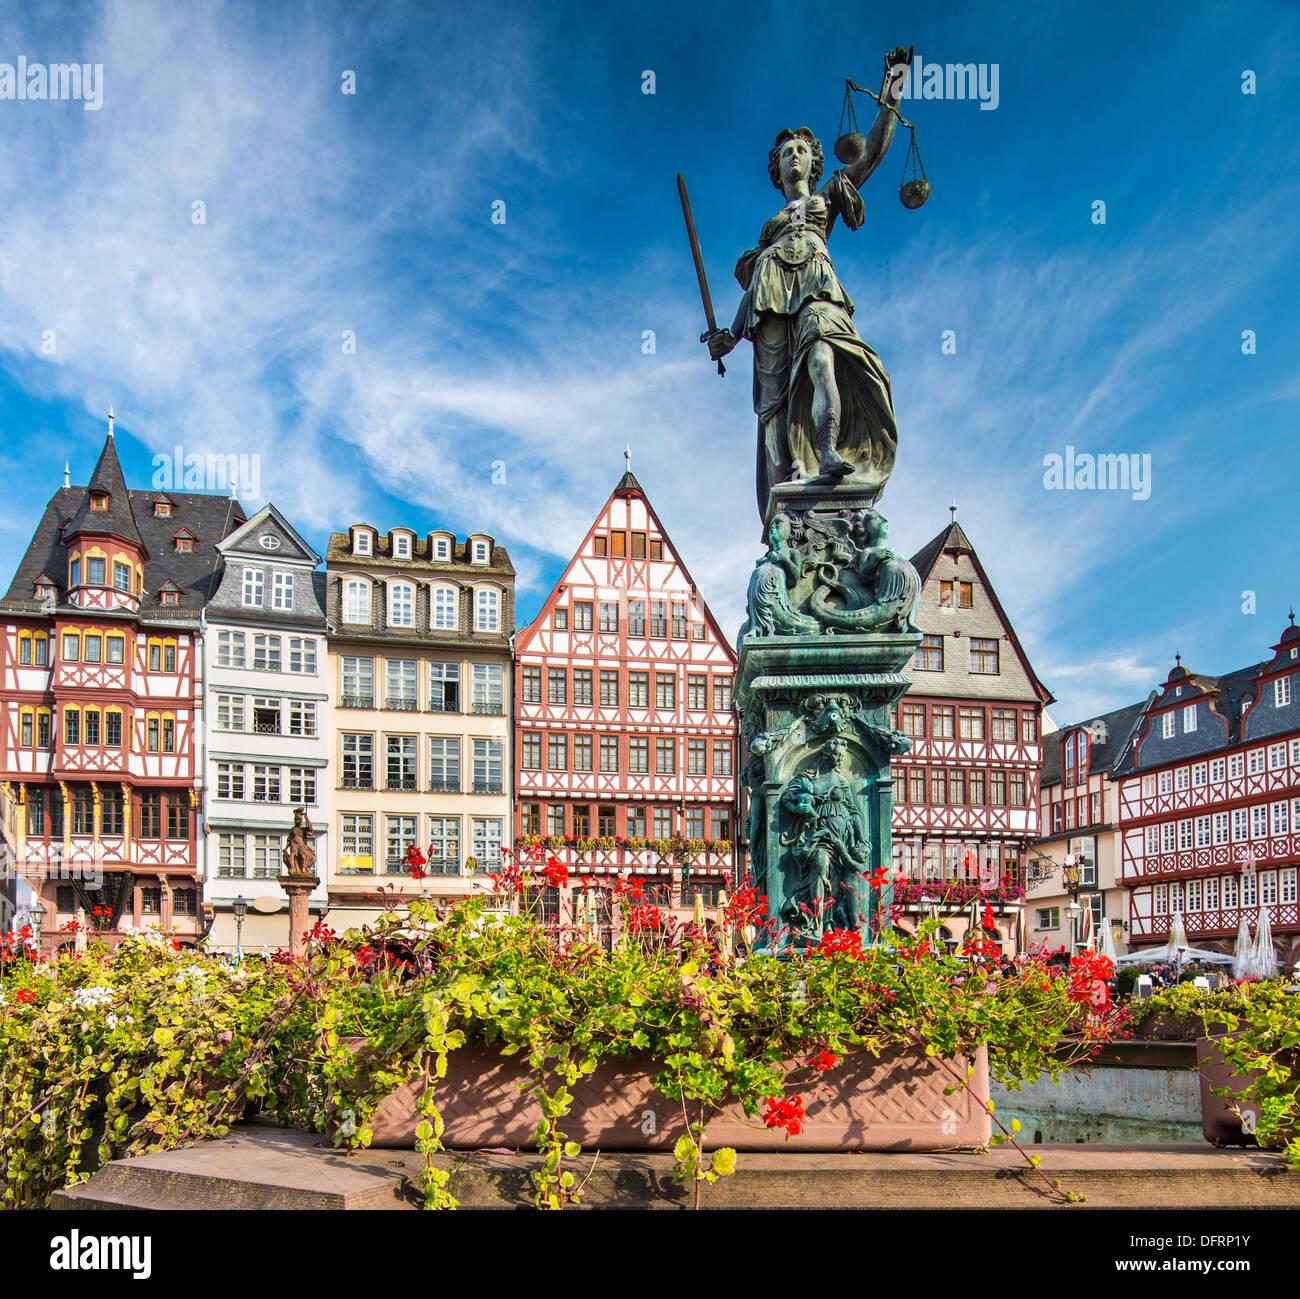 La ciudad vieja de Frankfurt, Alemania. Imagen De Stock